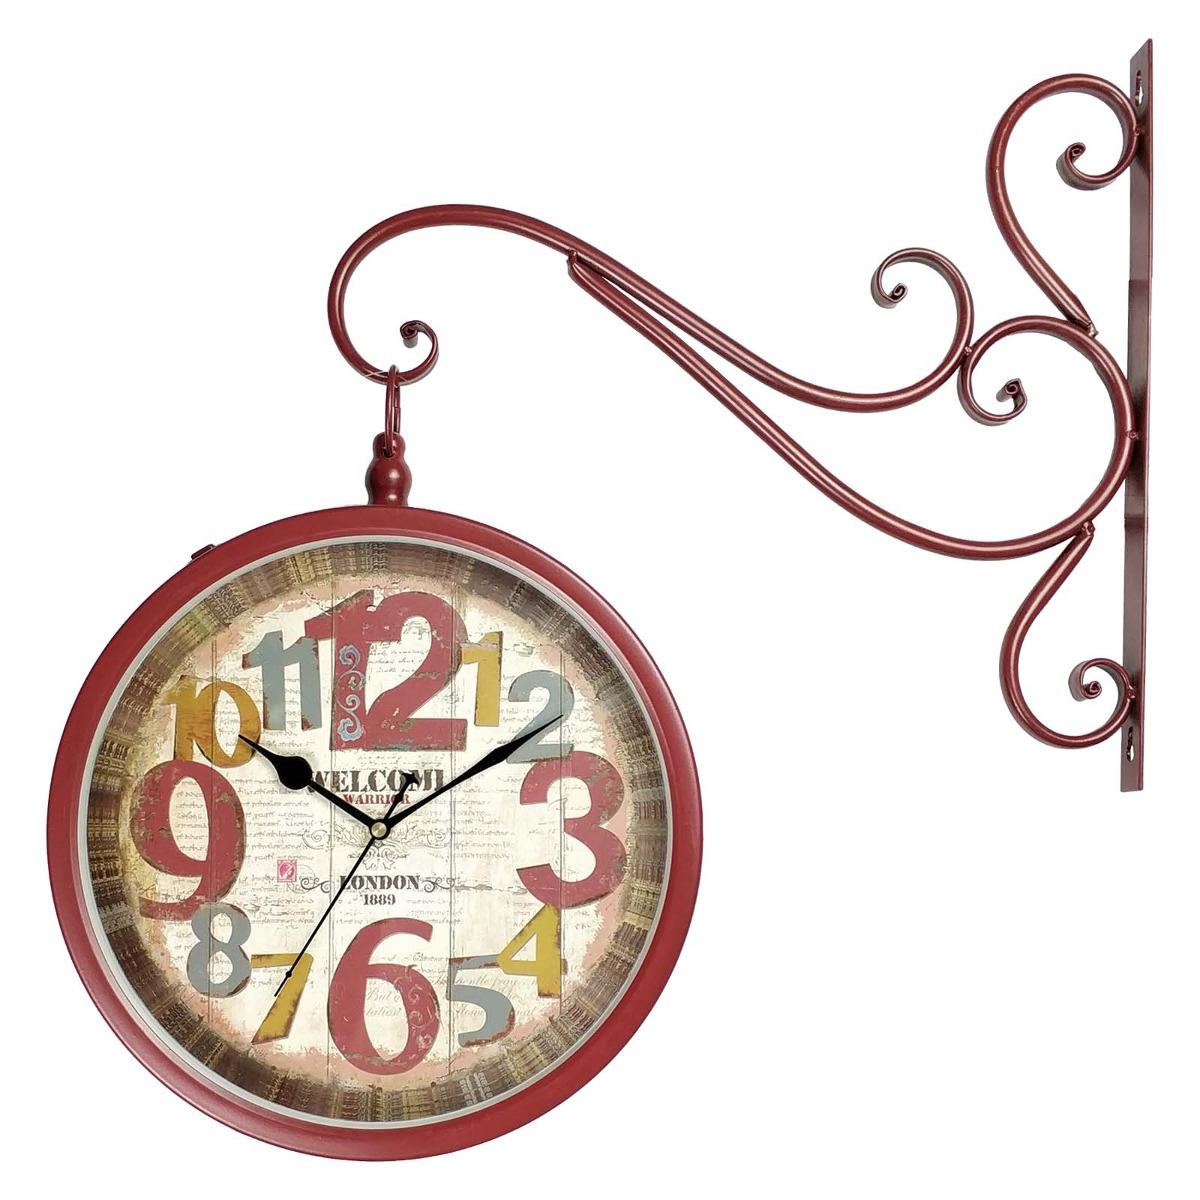 486a355b238 relógio de pendurar com dois lados -vermelho - vintage retrô. Carregando  zoom.